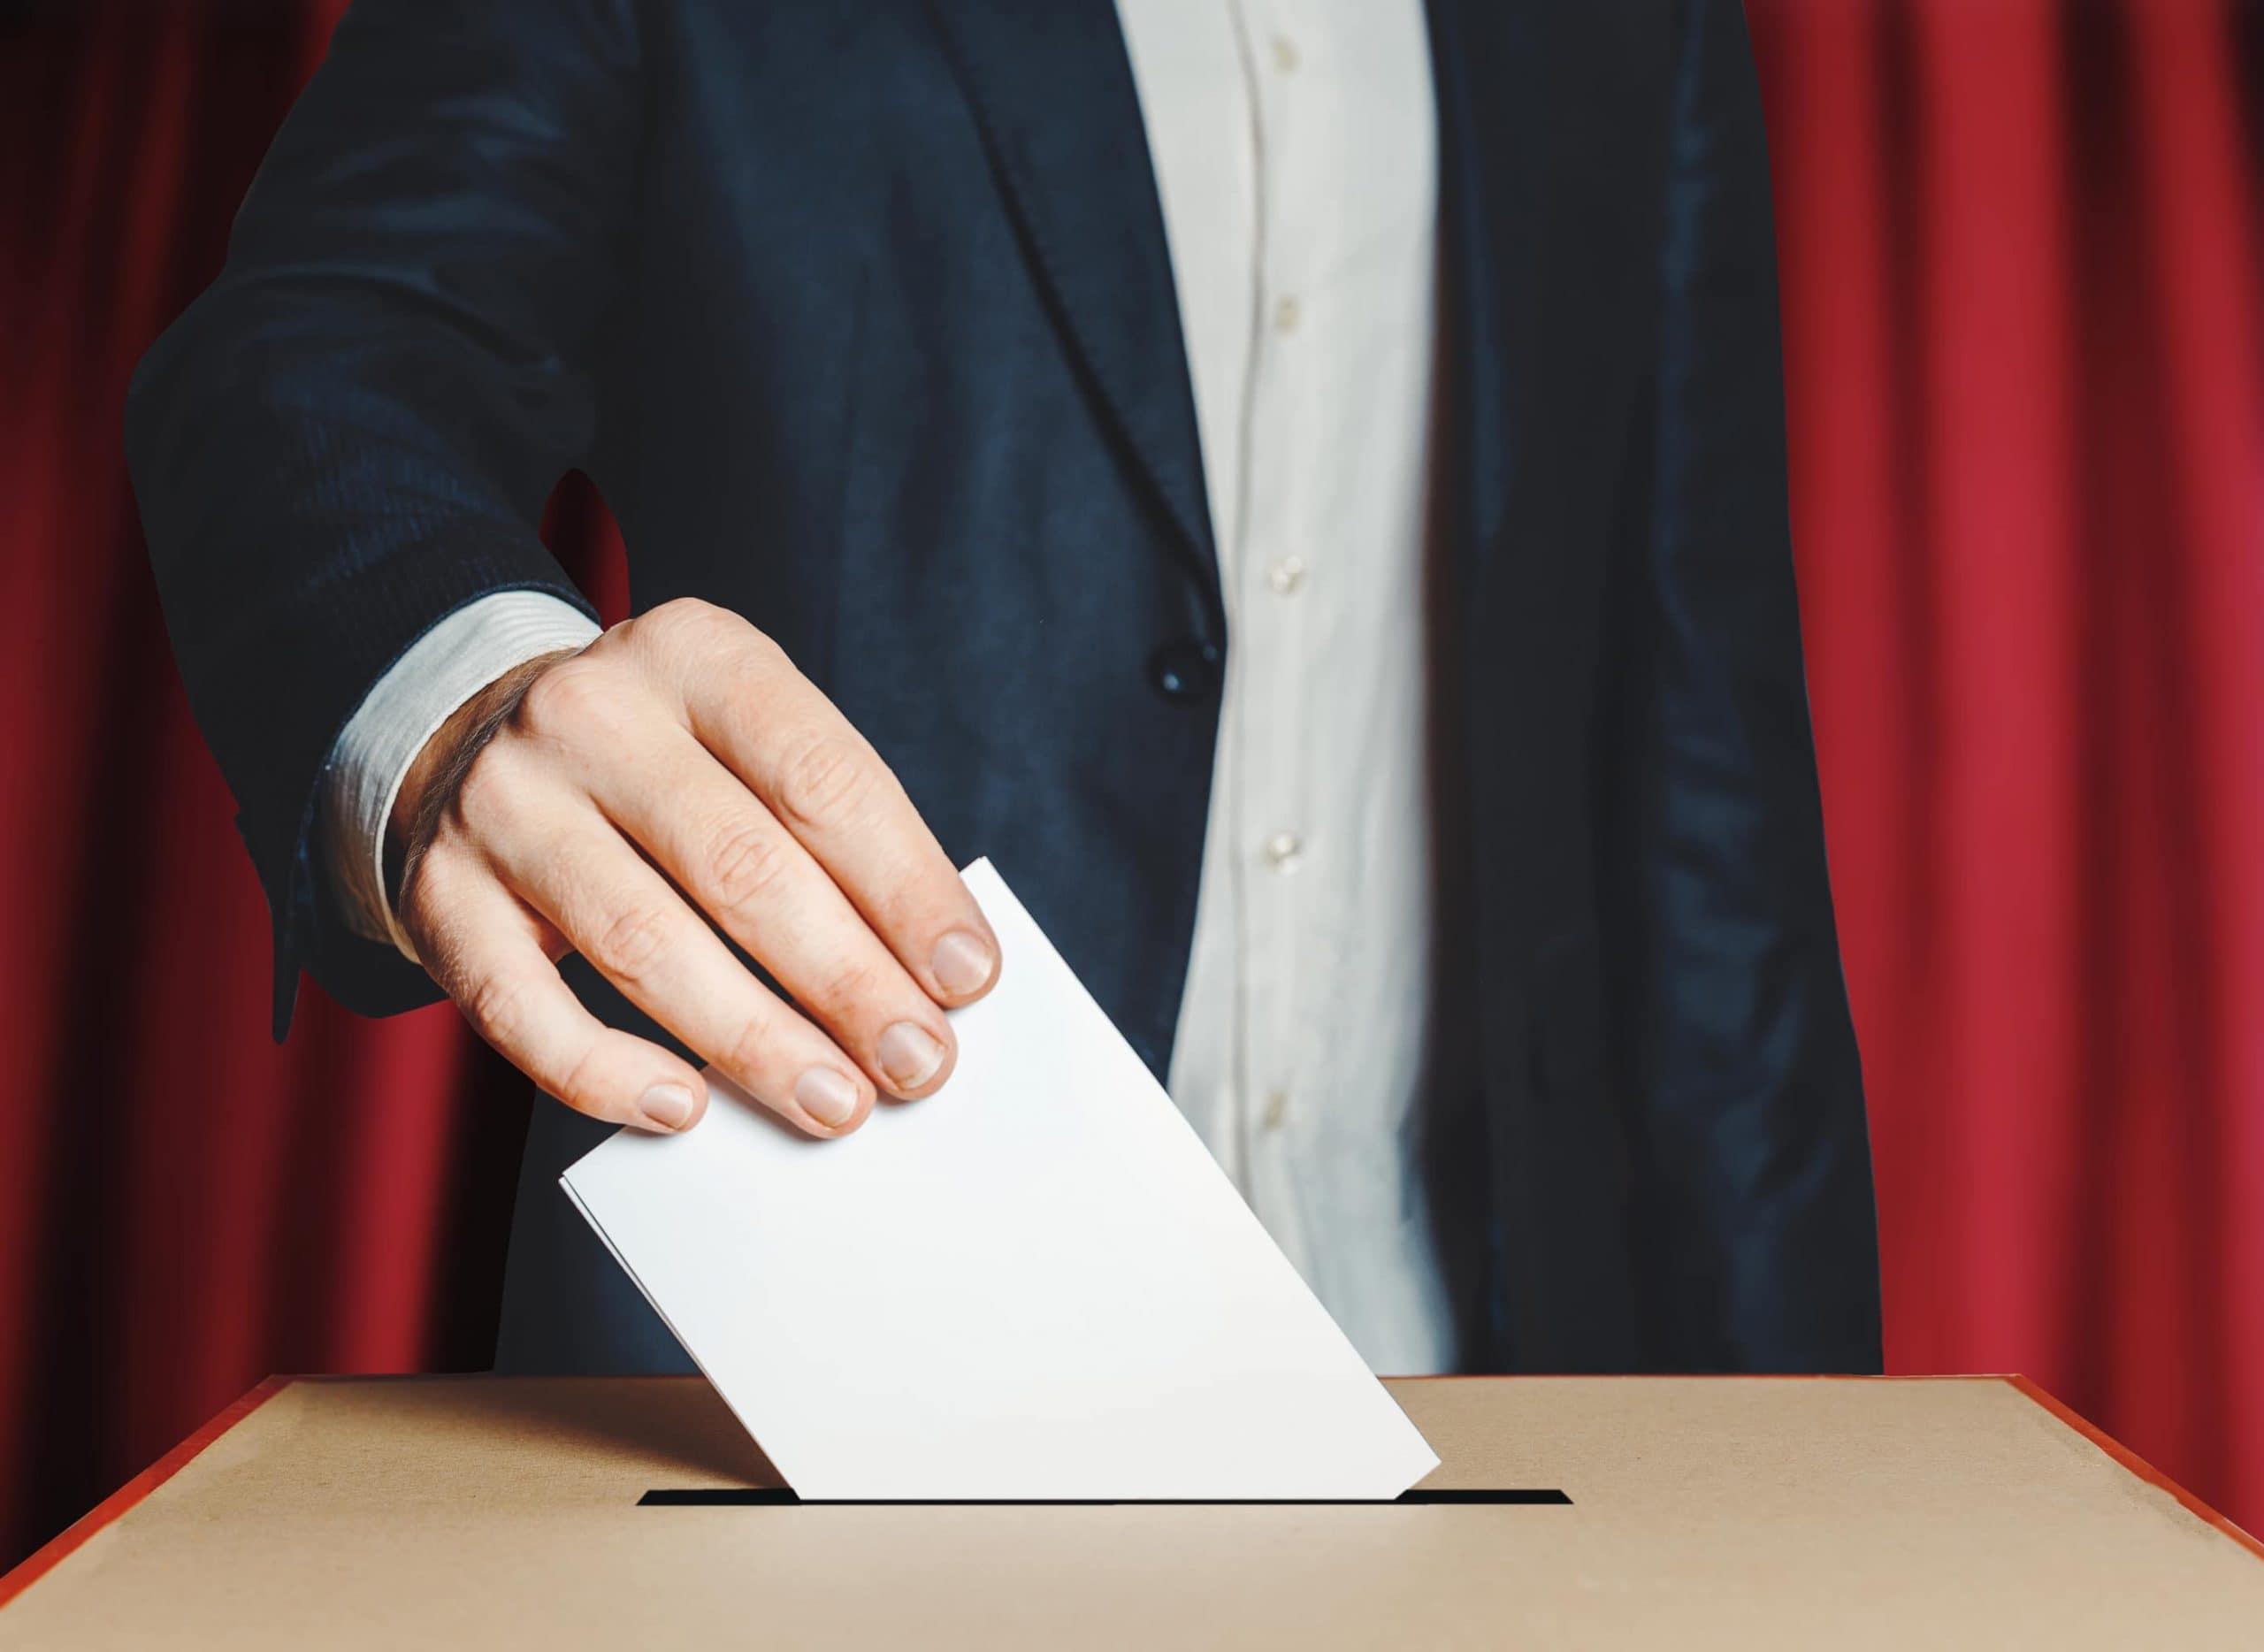 Mann bei der Stimmabgabe